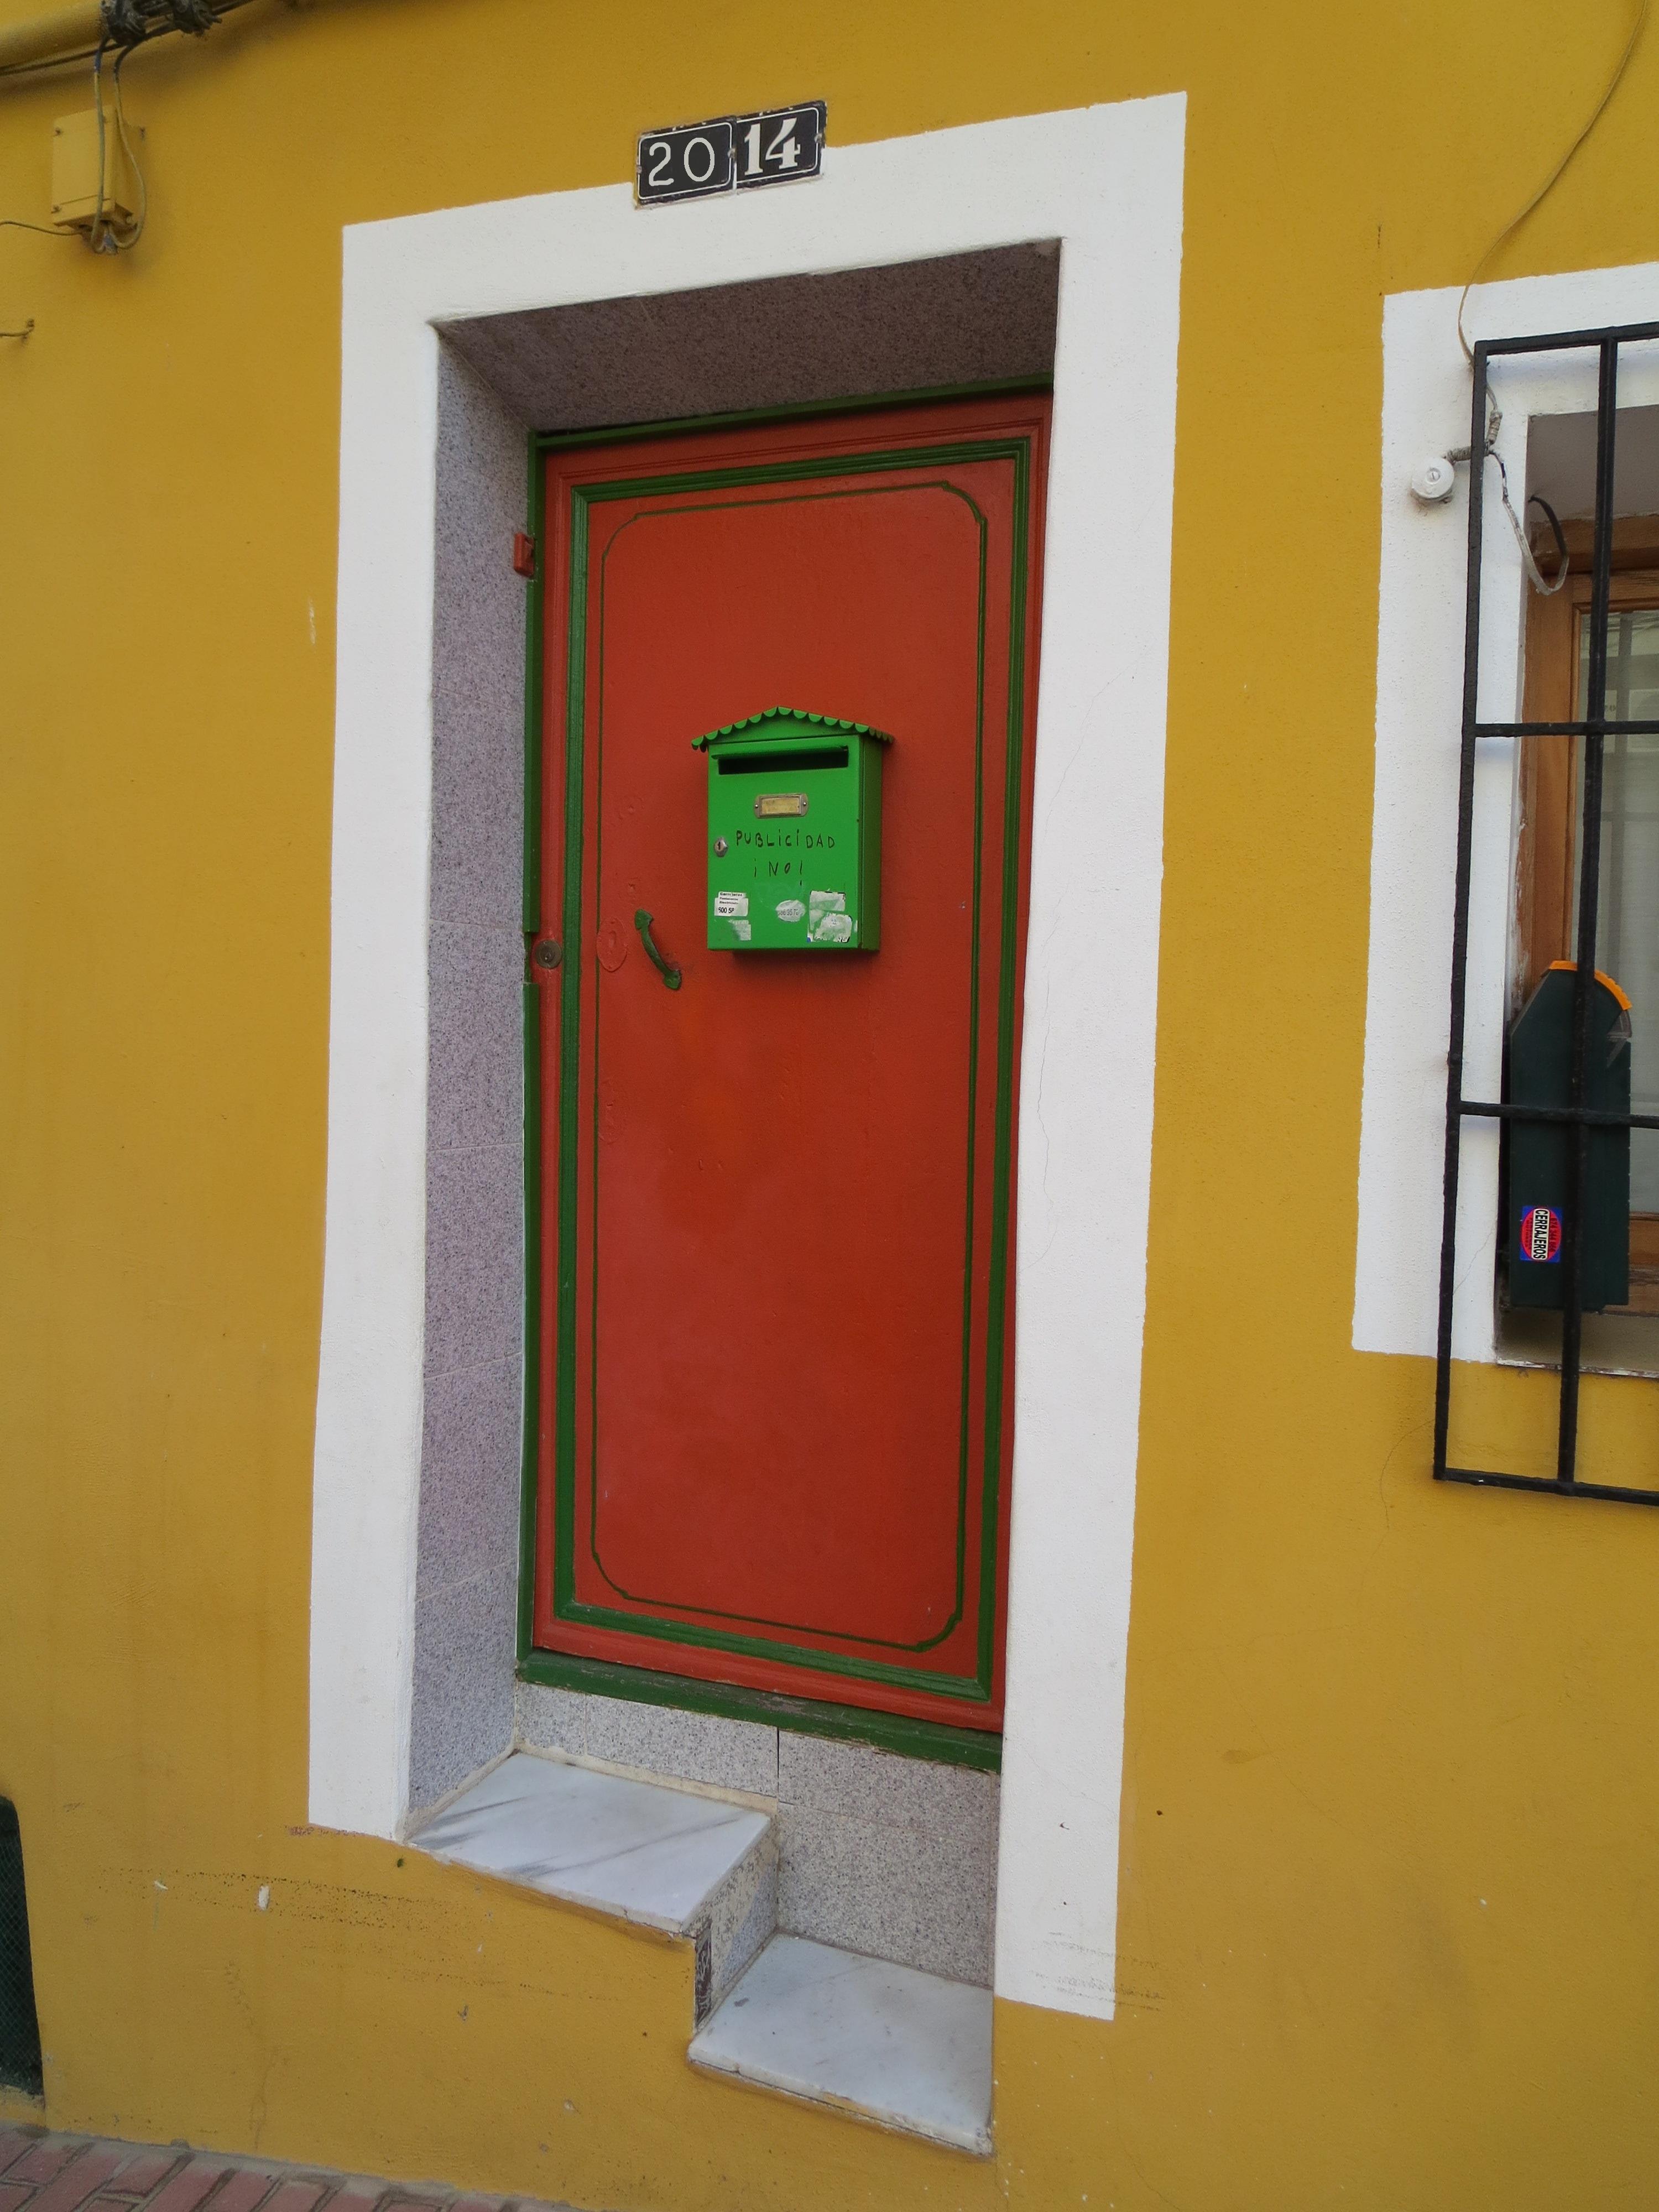 Detär dags att stänga dörren u2026 Ama de casa